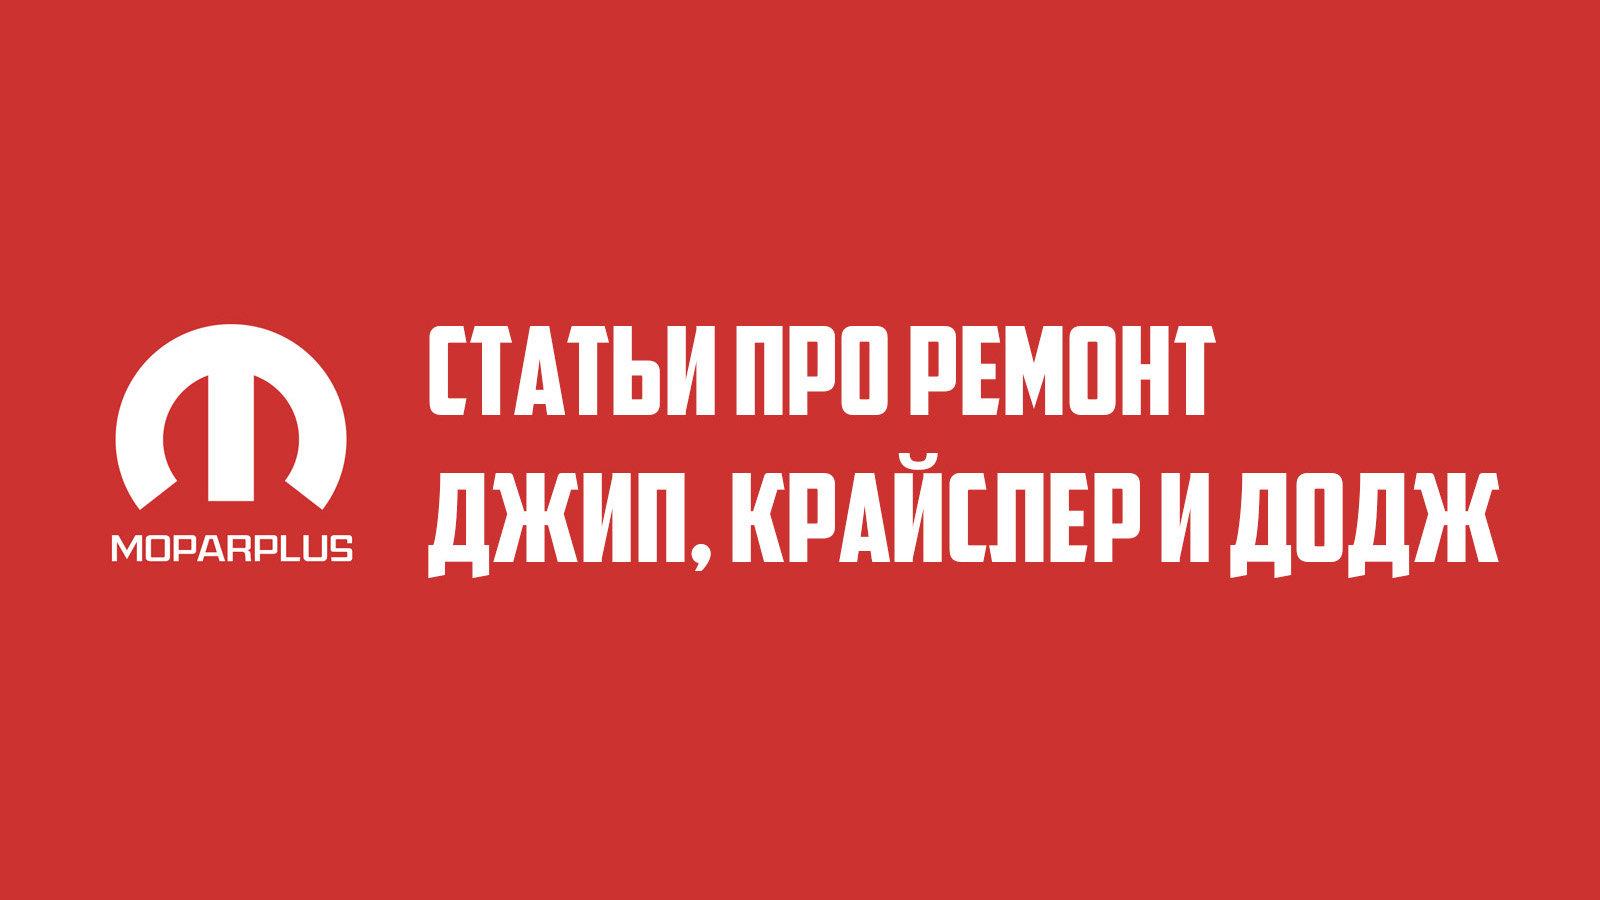 Статьи про ремонт. Выпуск №14.